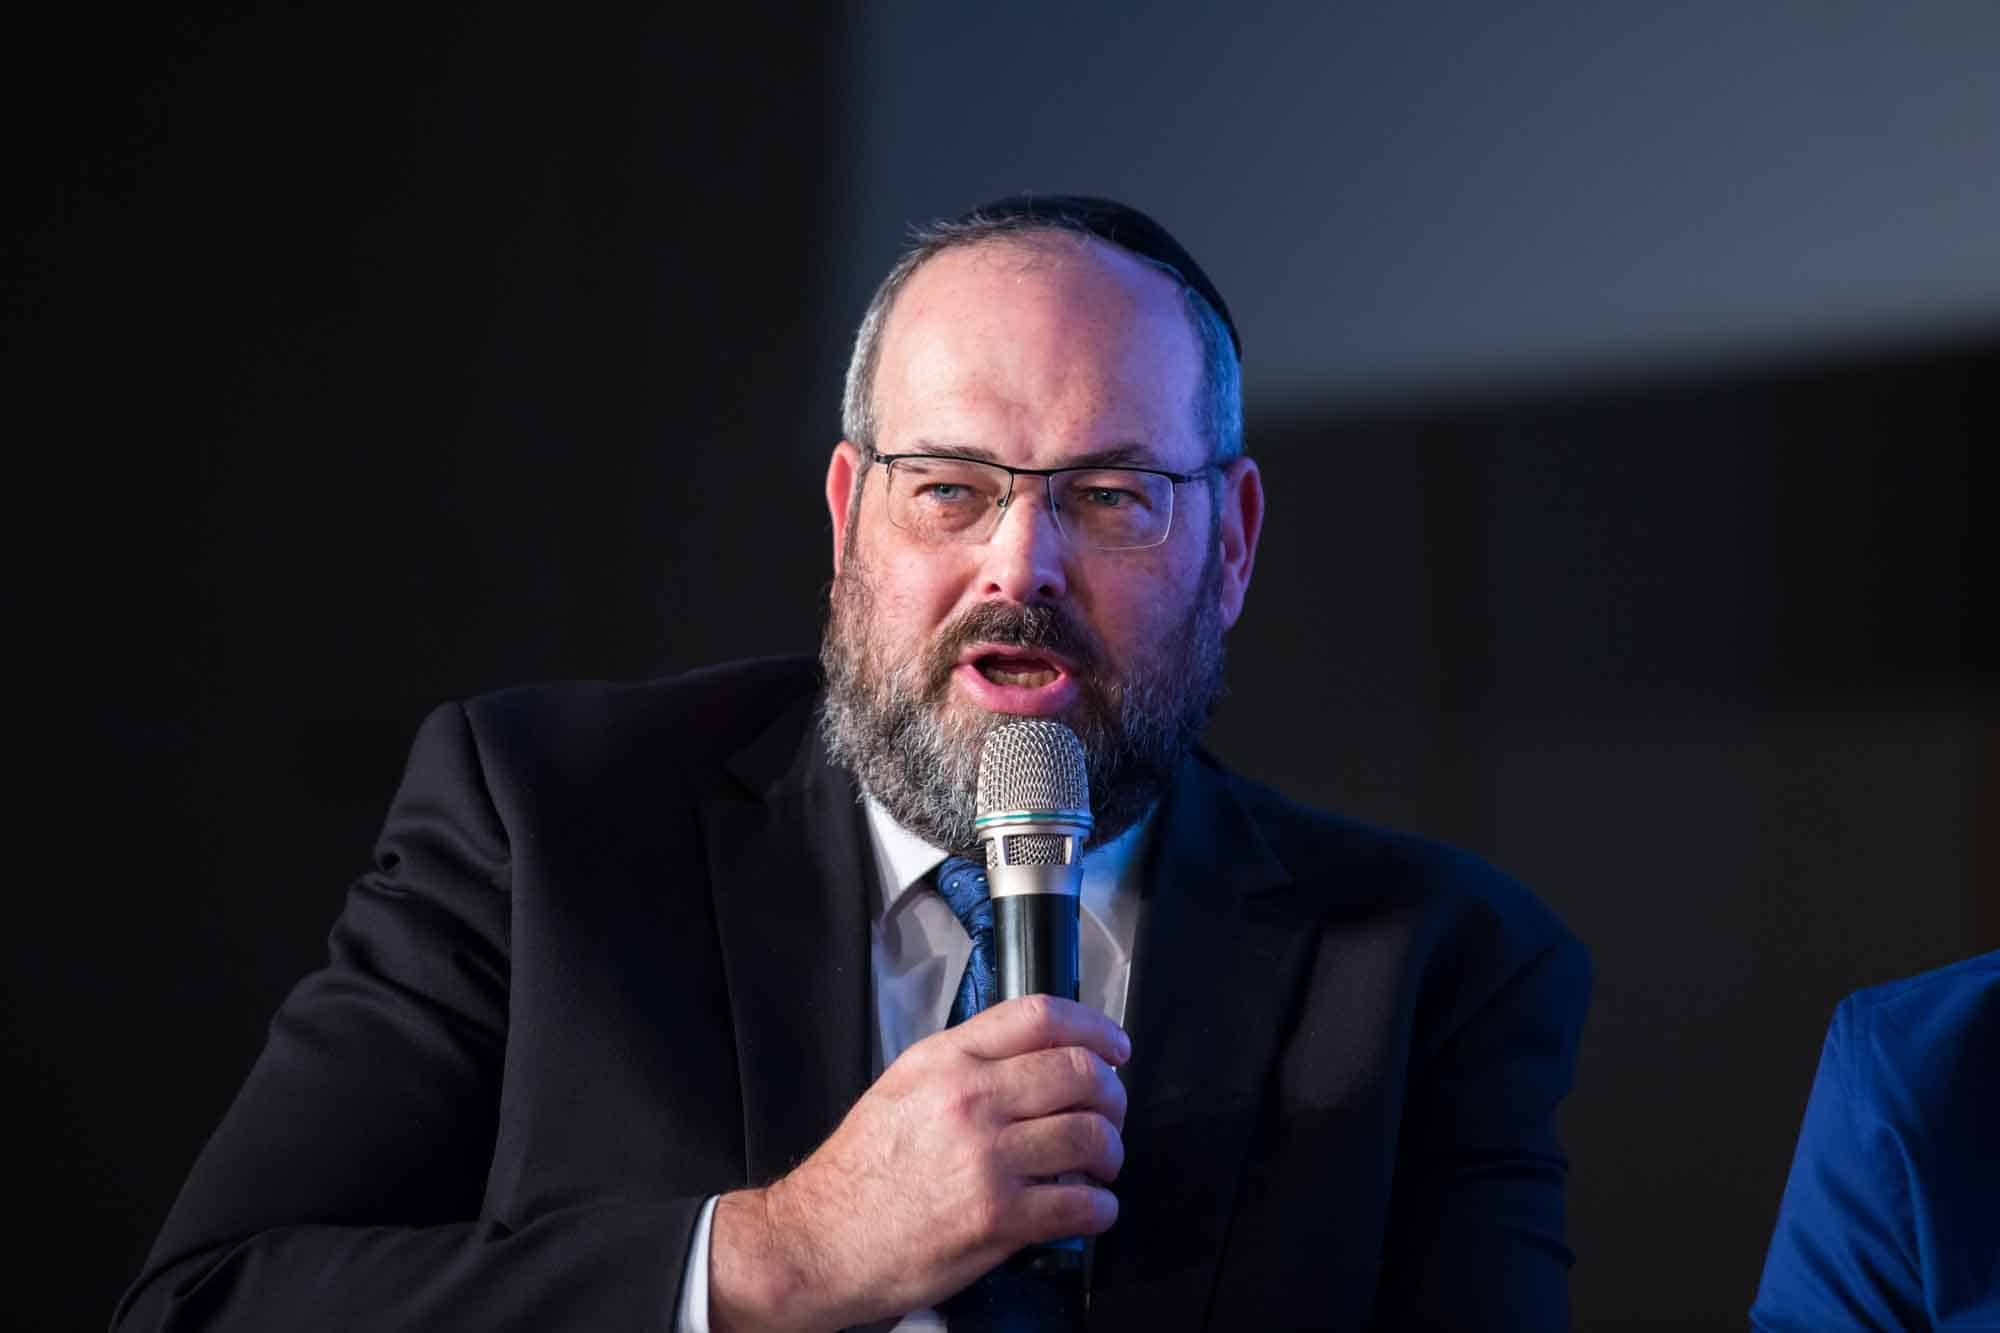 """אליעזר ראוכברגר, יו""""ר הועדה המקומית של ירושלים // דרור סיתהכל"""